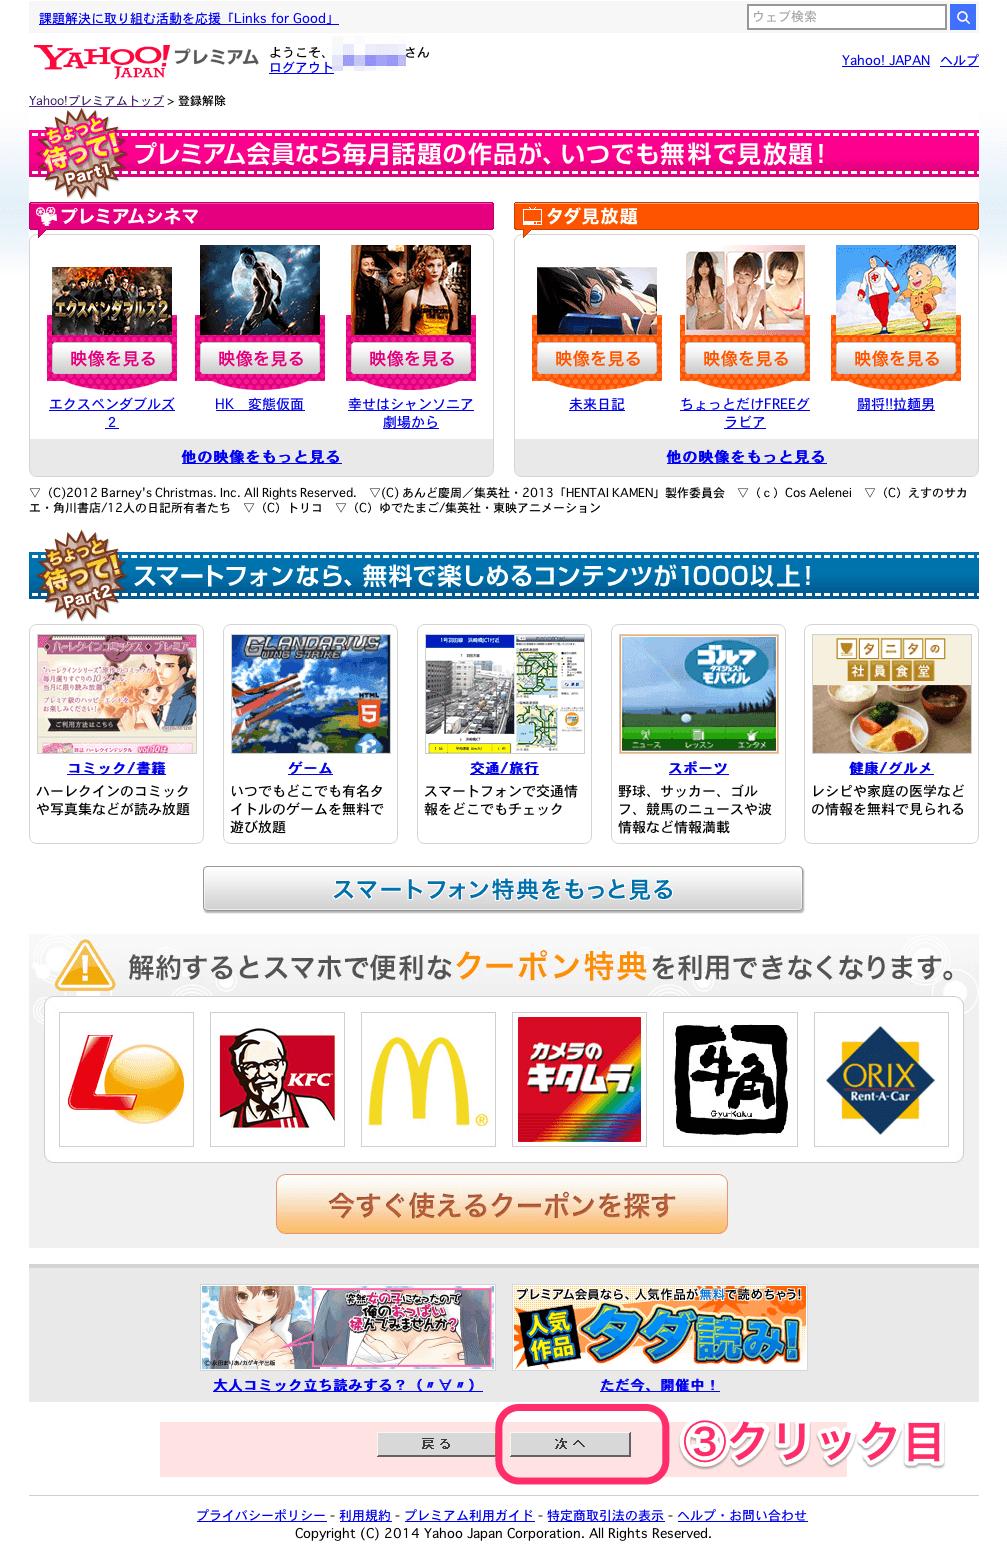 yahoo_premium-03